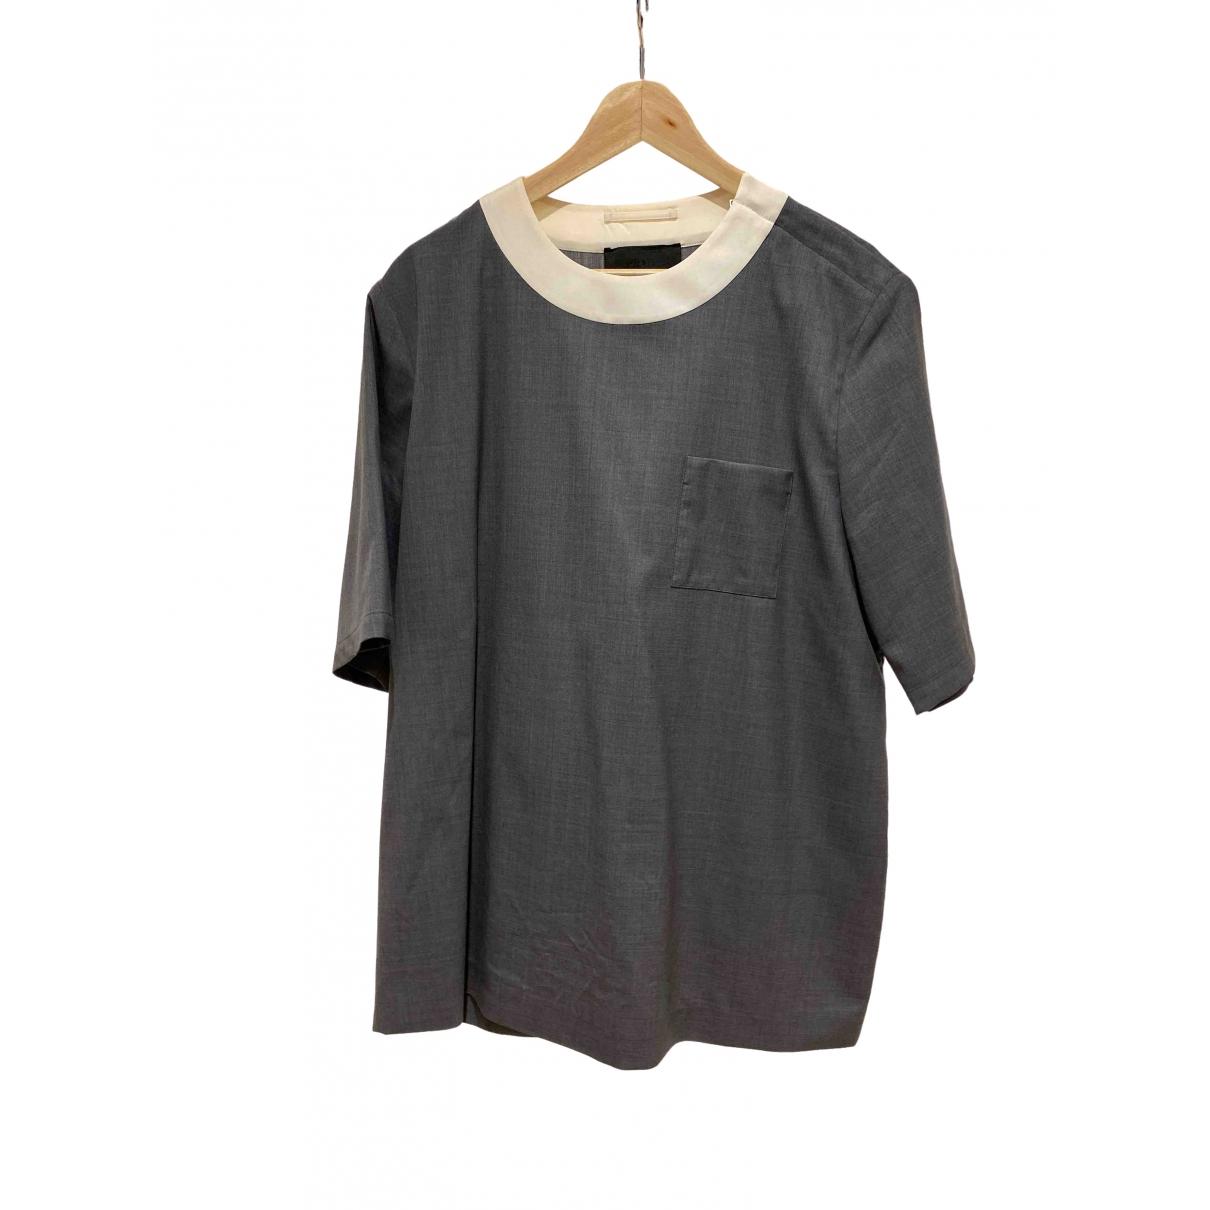 Prada - Tee shirts   pour homme - gris